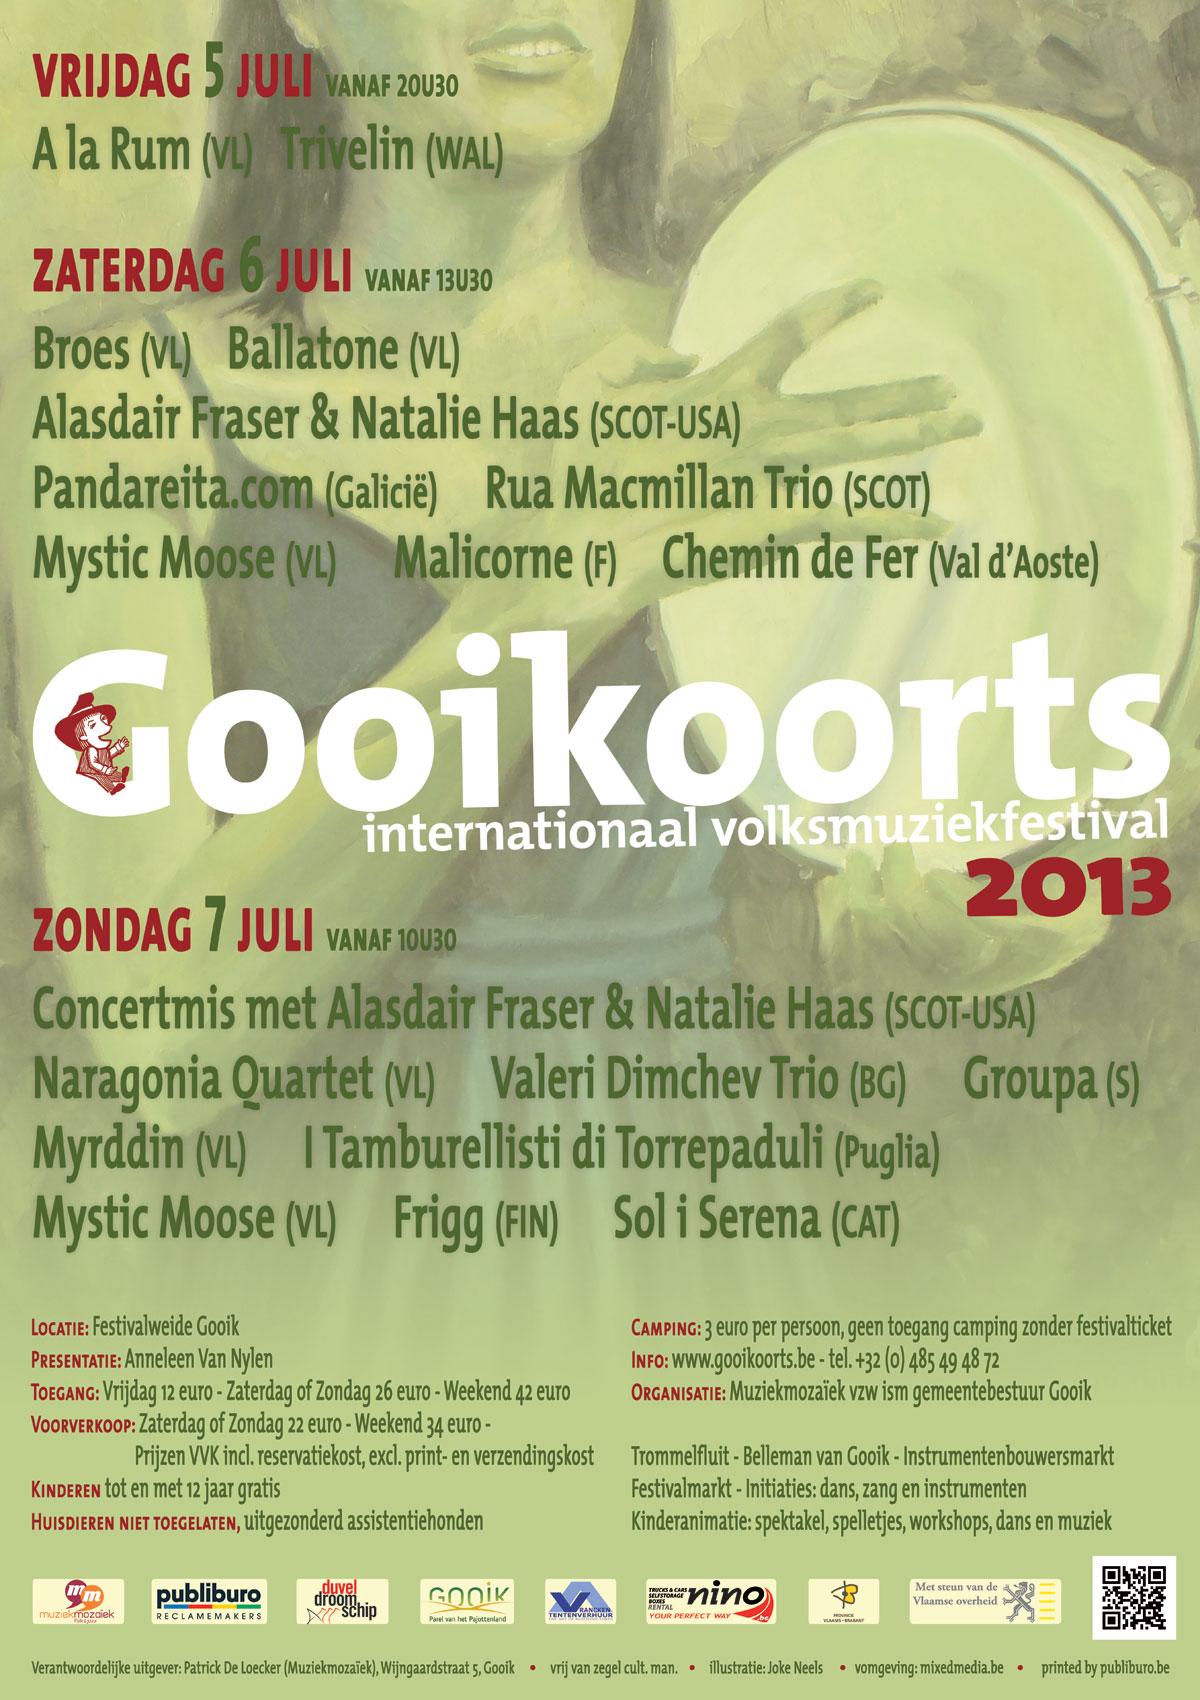 Gooikoorts2013_affiche